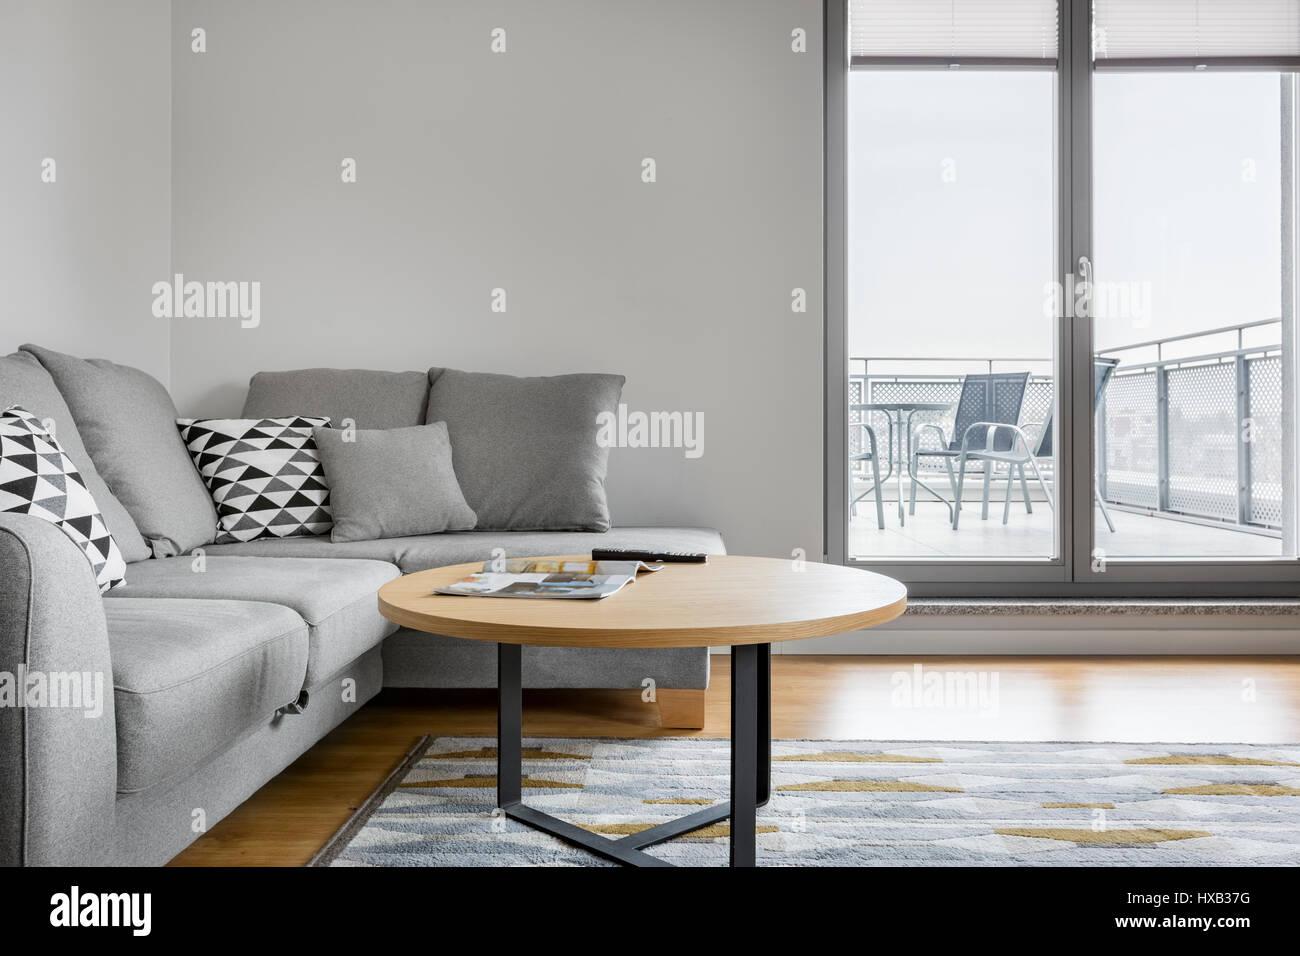 canap gris avec des oreillers de luxe lgant dans un salon avec de grandes fentres et terrasse